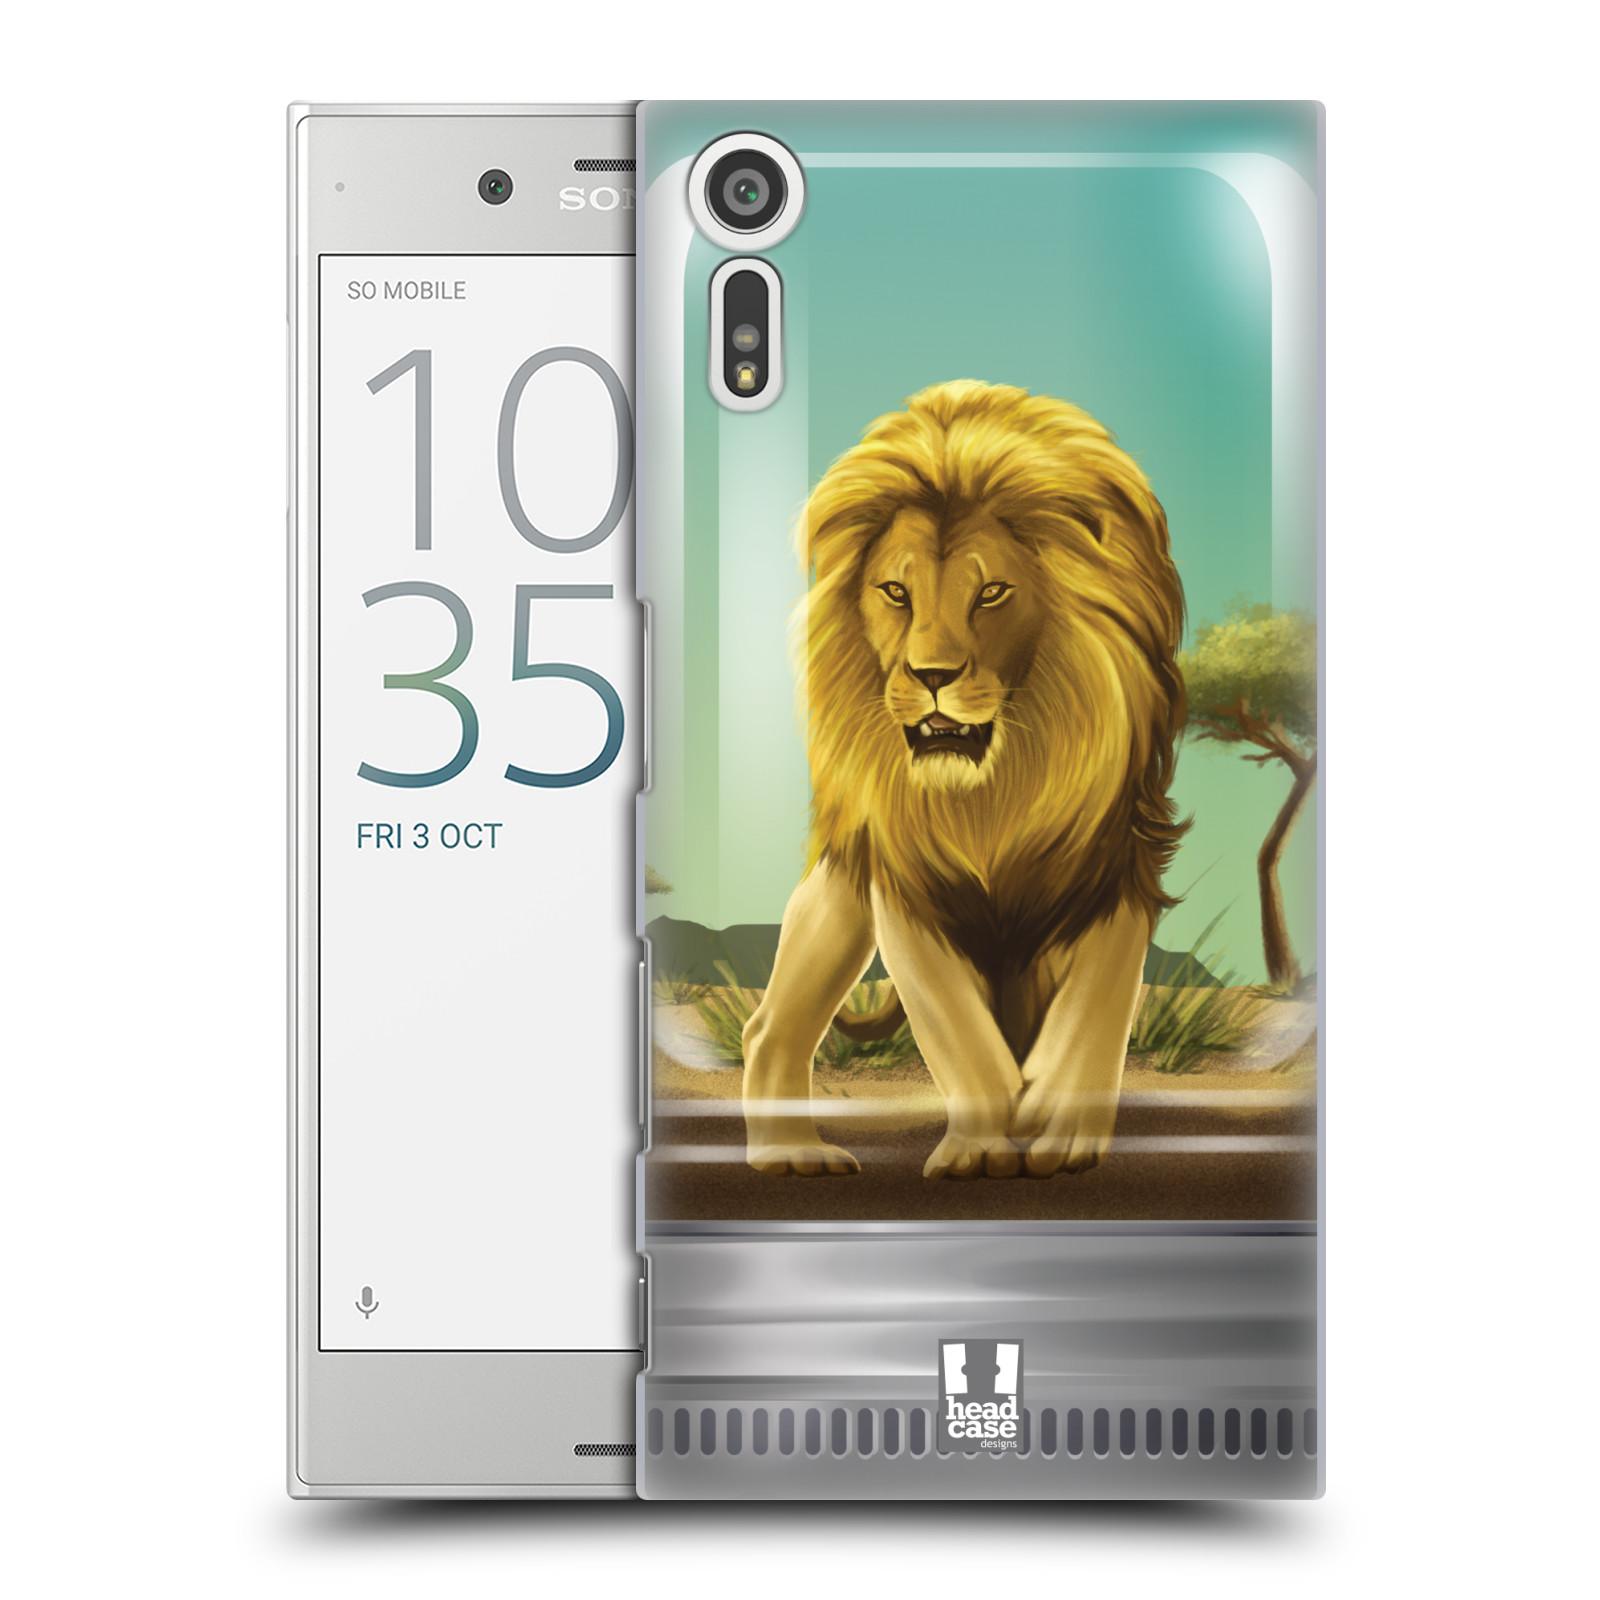 HEAD CASE plastový obal na mobil Sony Xperia XZ vzor Zvířátka v těžítku lev